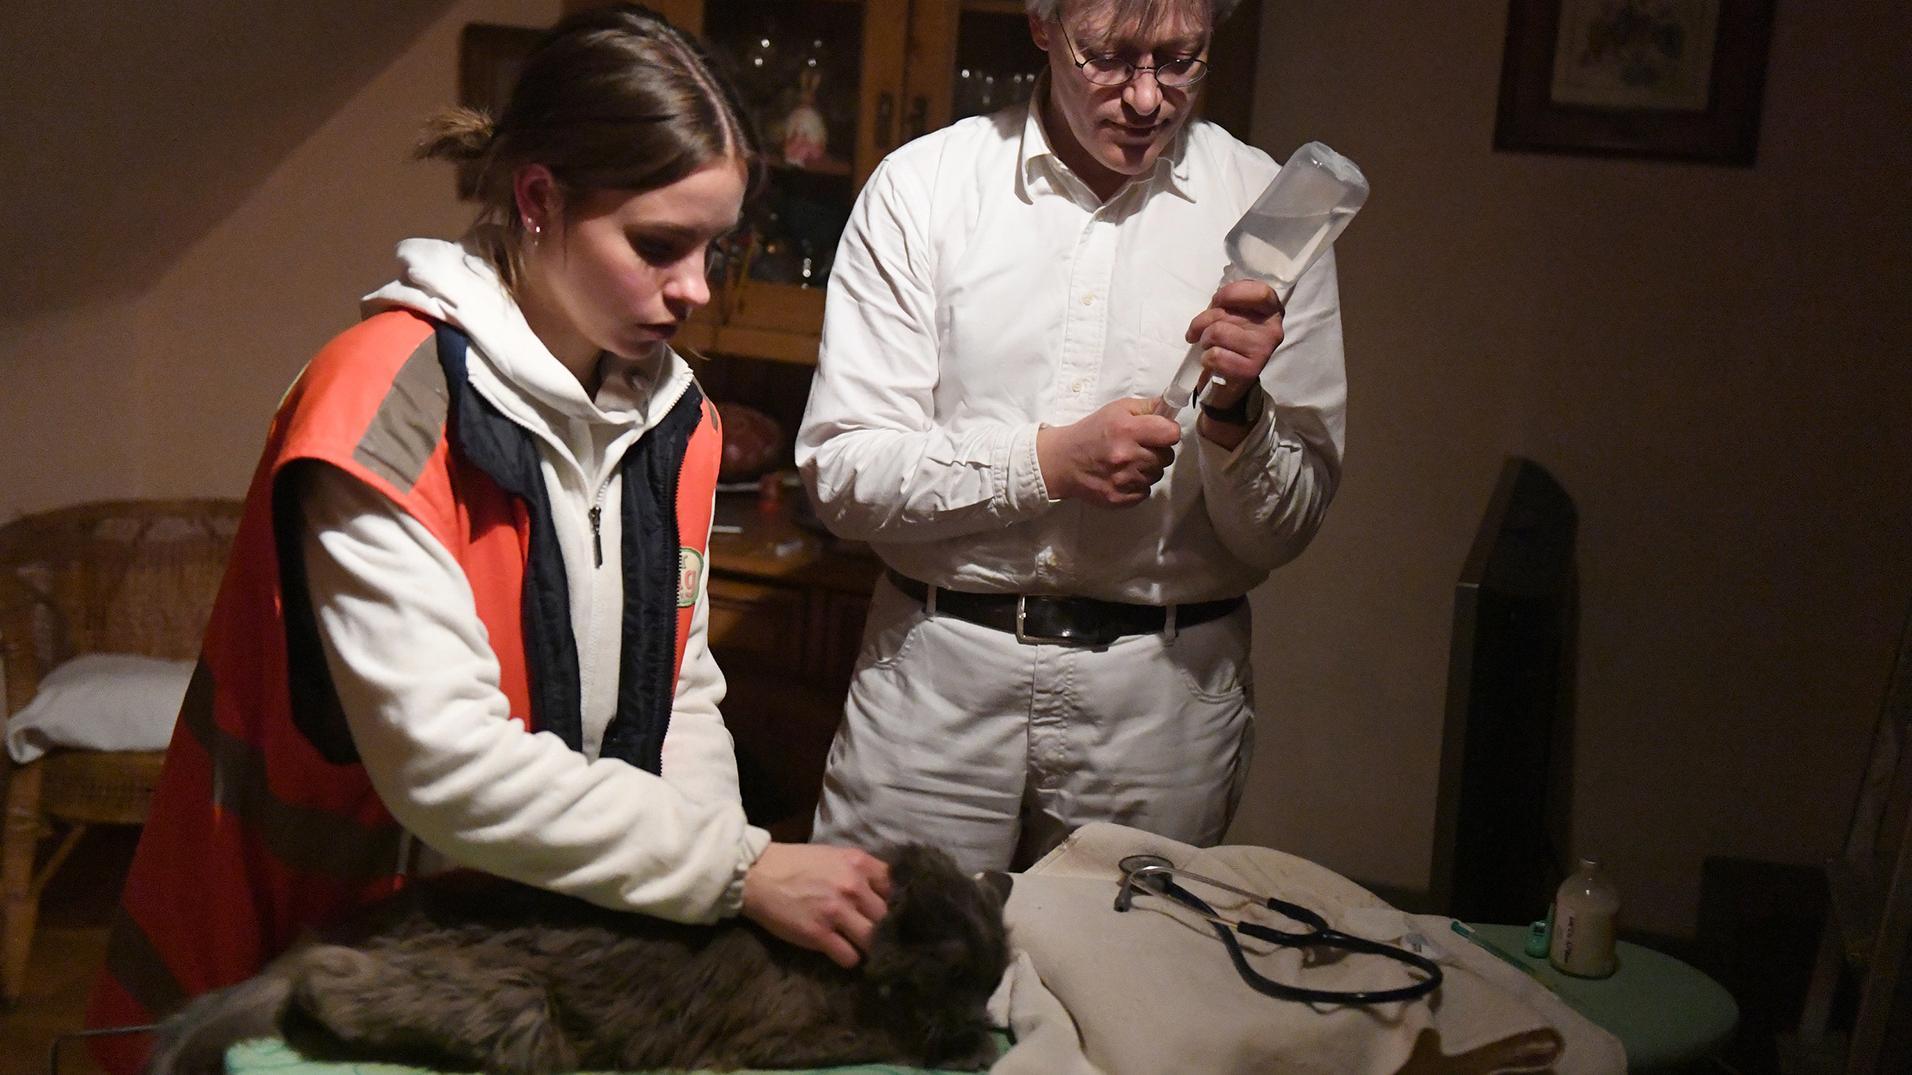 Eine Tierretterin hält eine Katze auf einem Tisch fest, während der Tierarzt eine Spritze vorbereitet.